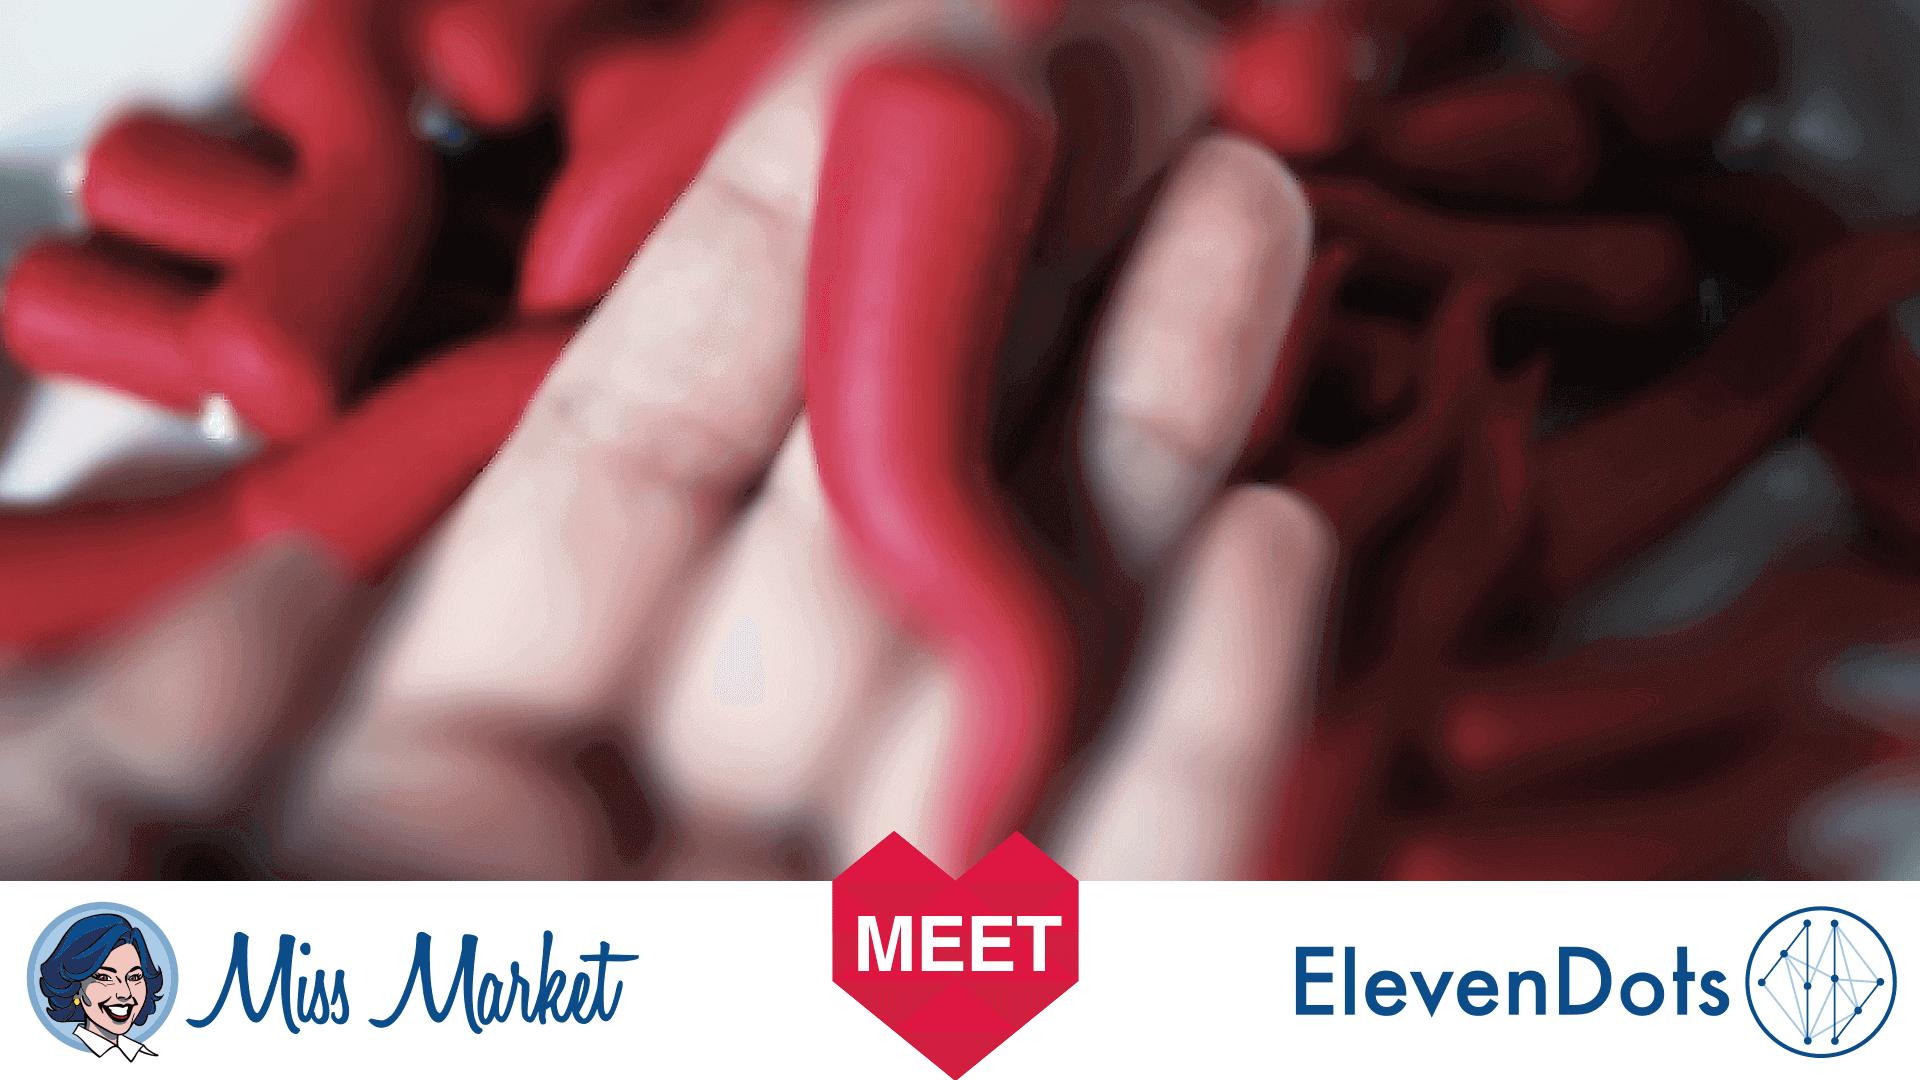 elevendots-miss-market-un-incontro-scaramantico-4